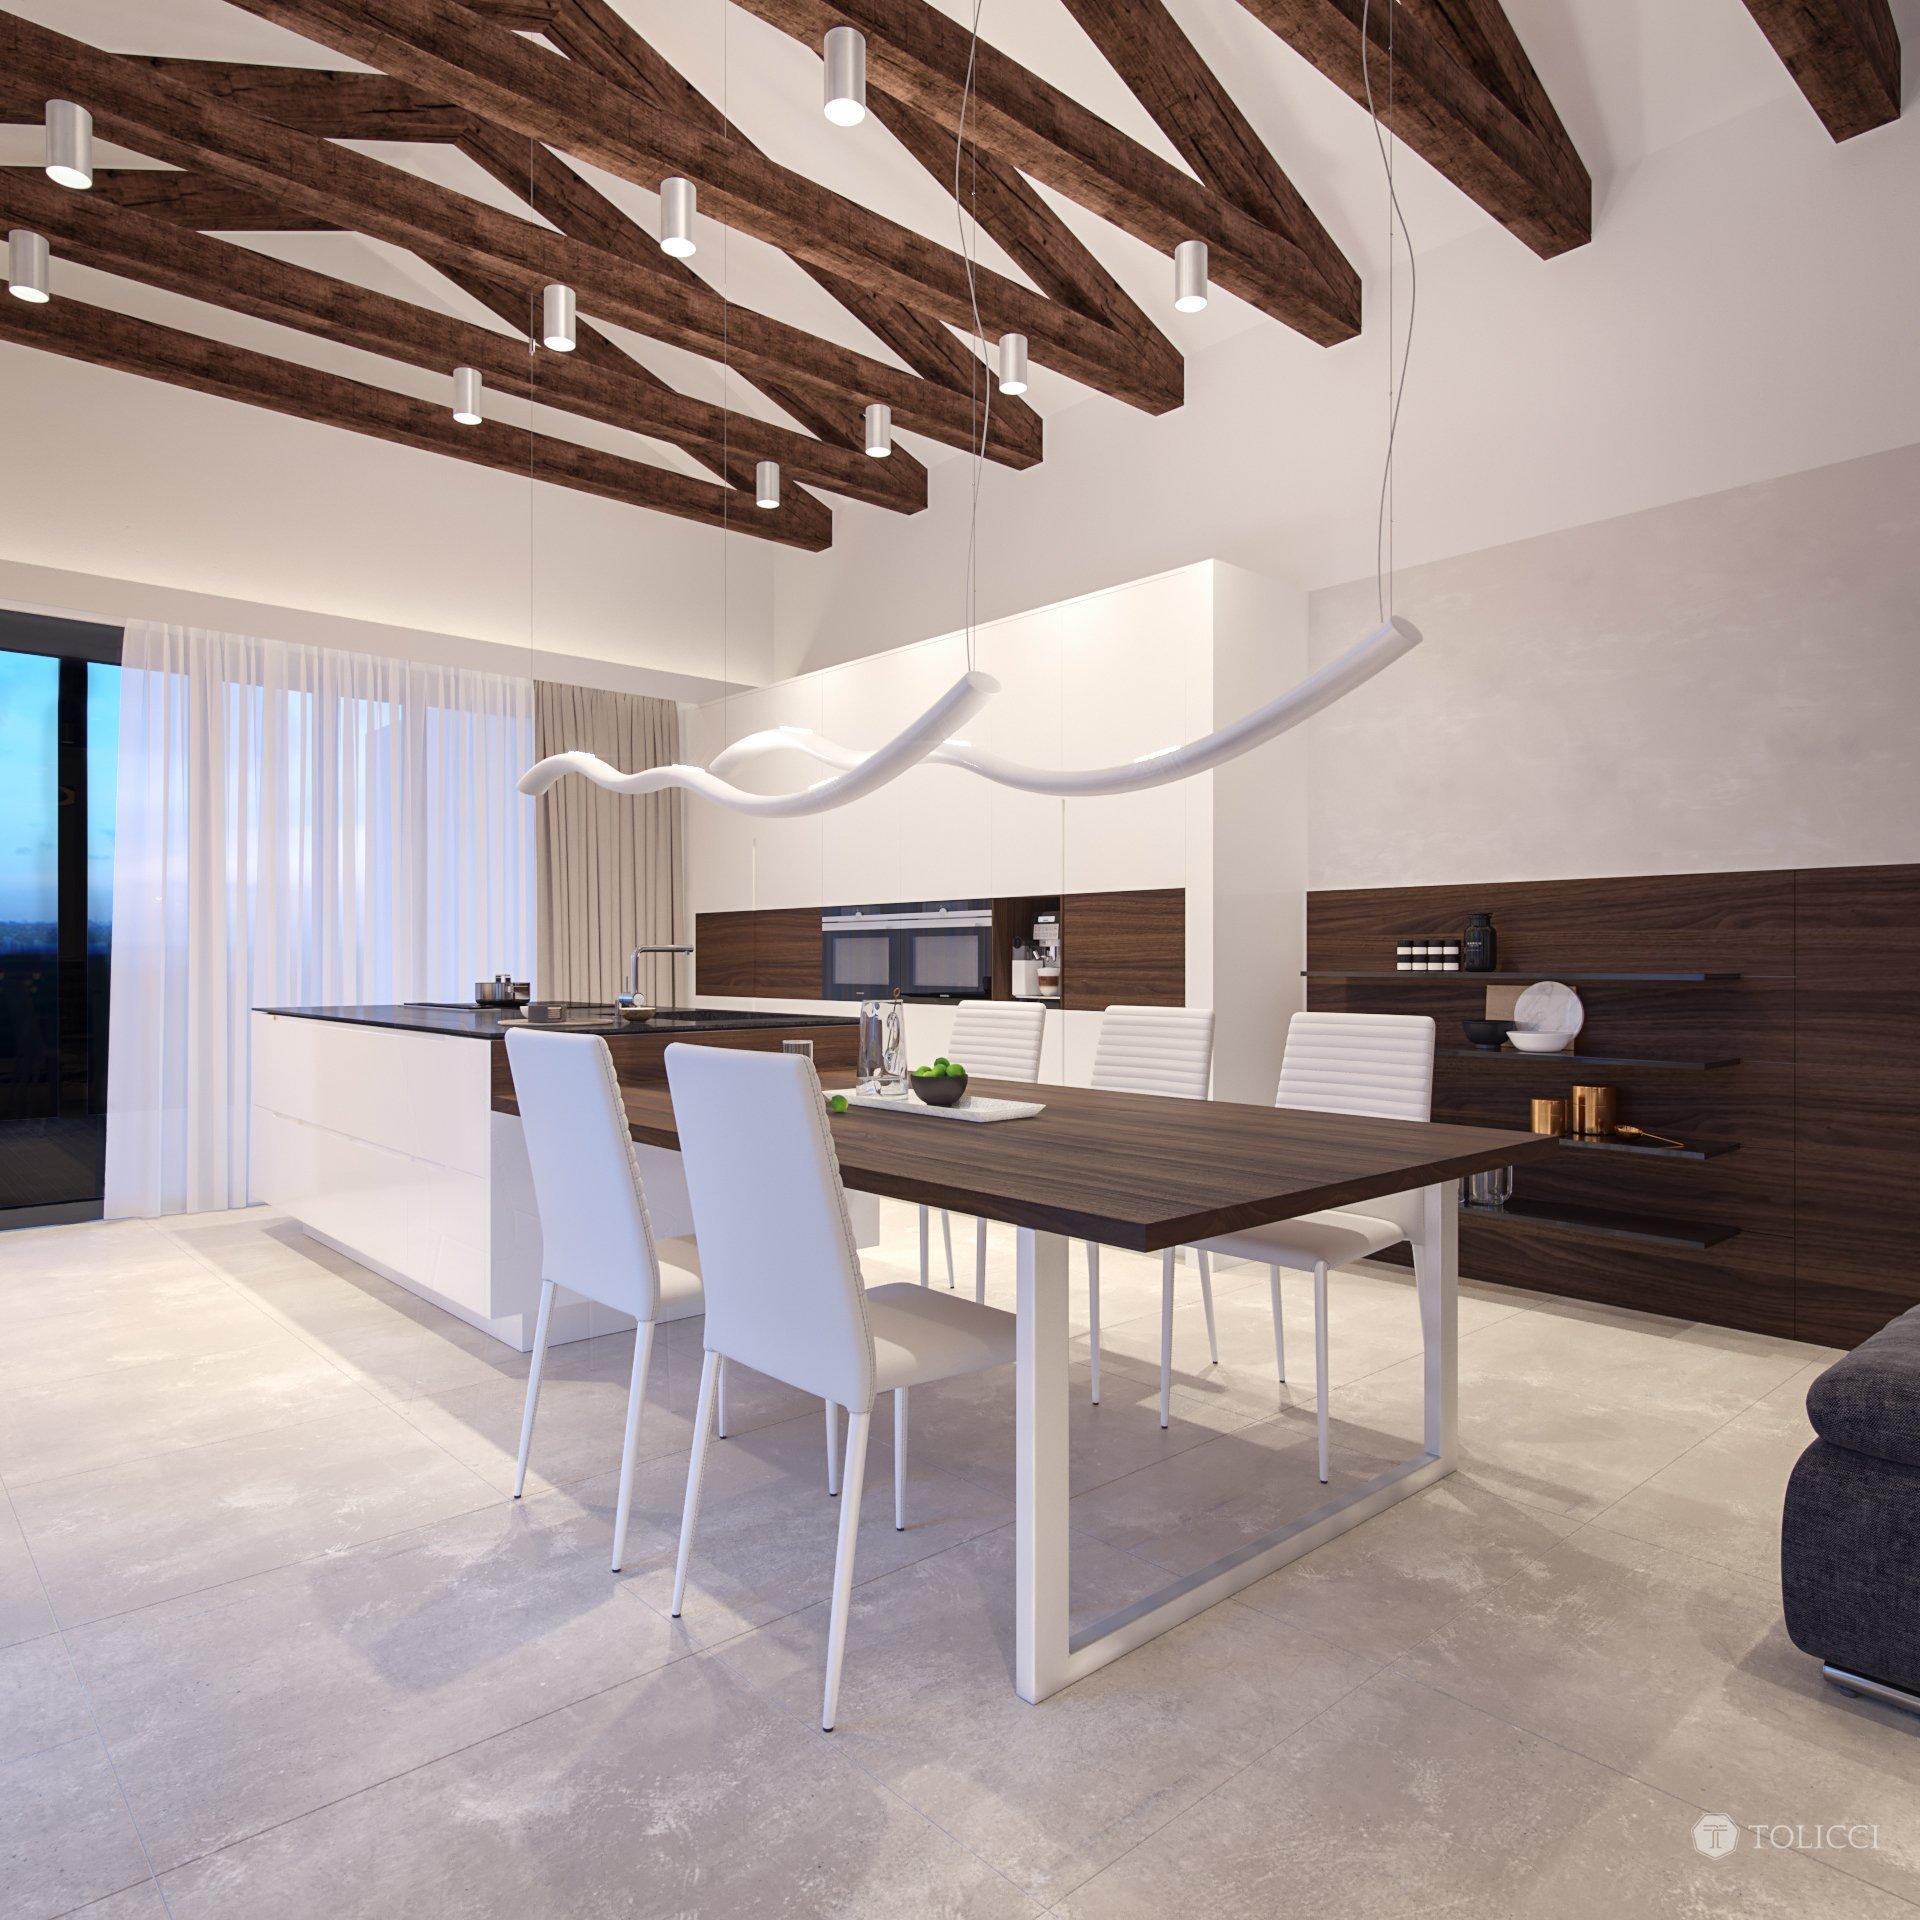 Cieľom návrhu interiéru tohto rodinného domu bolo vytvorenie elegantného a dizajnového interiéru, založeného na prirodzenom kontraste prírodných materiálov…